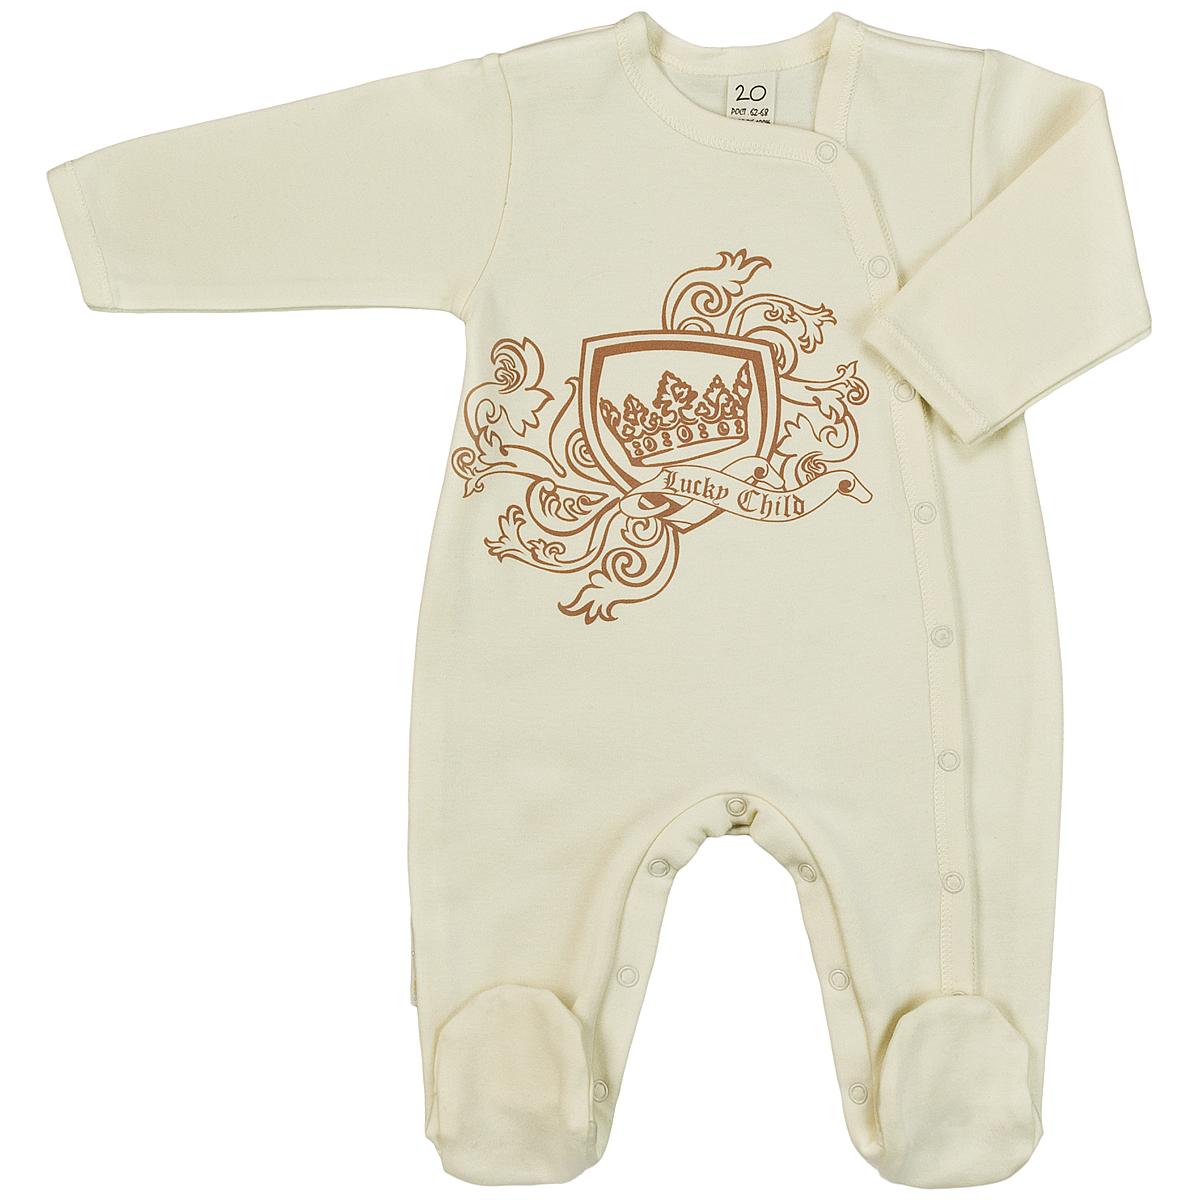 Комбинезон детский Lucky Child, цвет: экрю. 6-16. Размер 74/806-16Детский комбинезон Lucky Child - очень удобный и практичный вид одежды для малышей. Комбинезон выполнен из интерлока - натурального хлопка, благодаря чему он необычайно мягкий и приятный на ощупь, не раздражают нежную кожу ребенка и хорошо вентилируются, а эластичные швы приятны телу малыша и не препятствуют его движениям. Комбинезон с длинными рукавами и закрытыми ножками имеет асимметричные застежки-кнопки от горловины до щиколотки, которые помогают легко переодеть младенца или сменить подгузник. На груди он оформлен оригинальным принтом в виде логотипа бренда. С детским комбинезоном Lucky Child спинка и ножки вашего малыша всегда будут в тепле, он идеален для использования днем и незаменим ночью. Комбинезон полностью соответствует особенностям жизни младенца в ранний период, не стесняя и не ограничивая его в движениях!